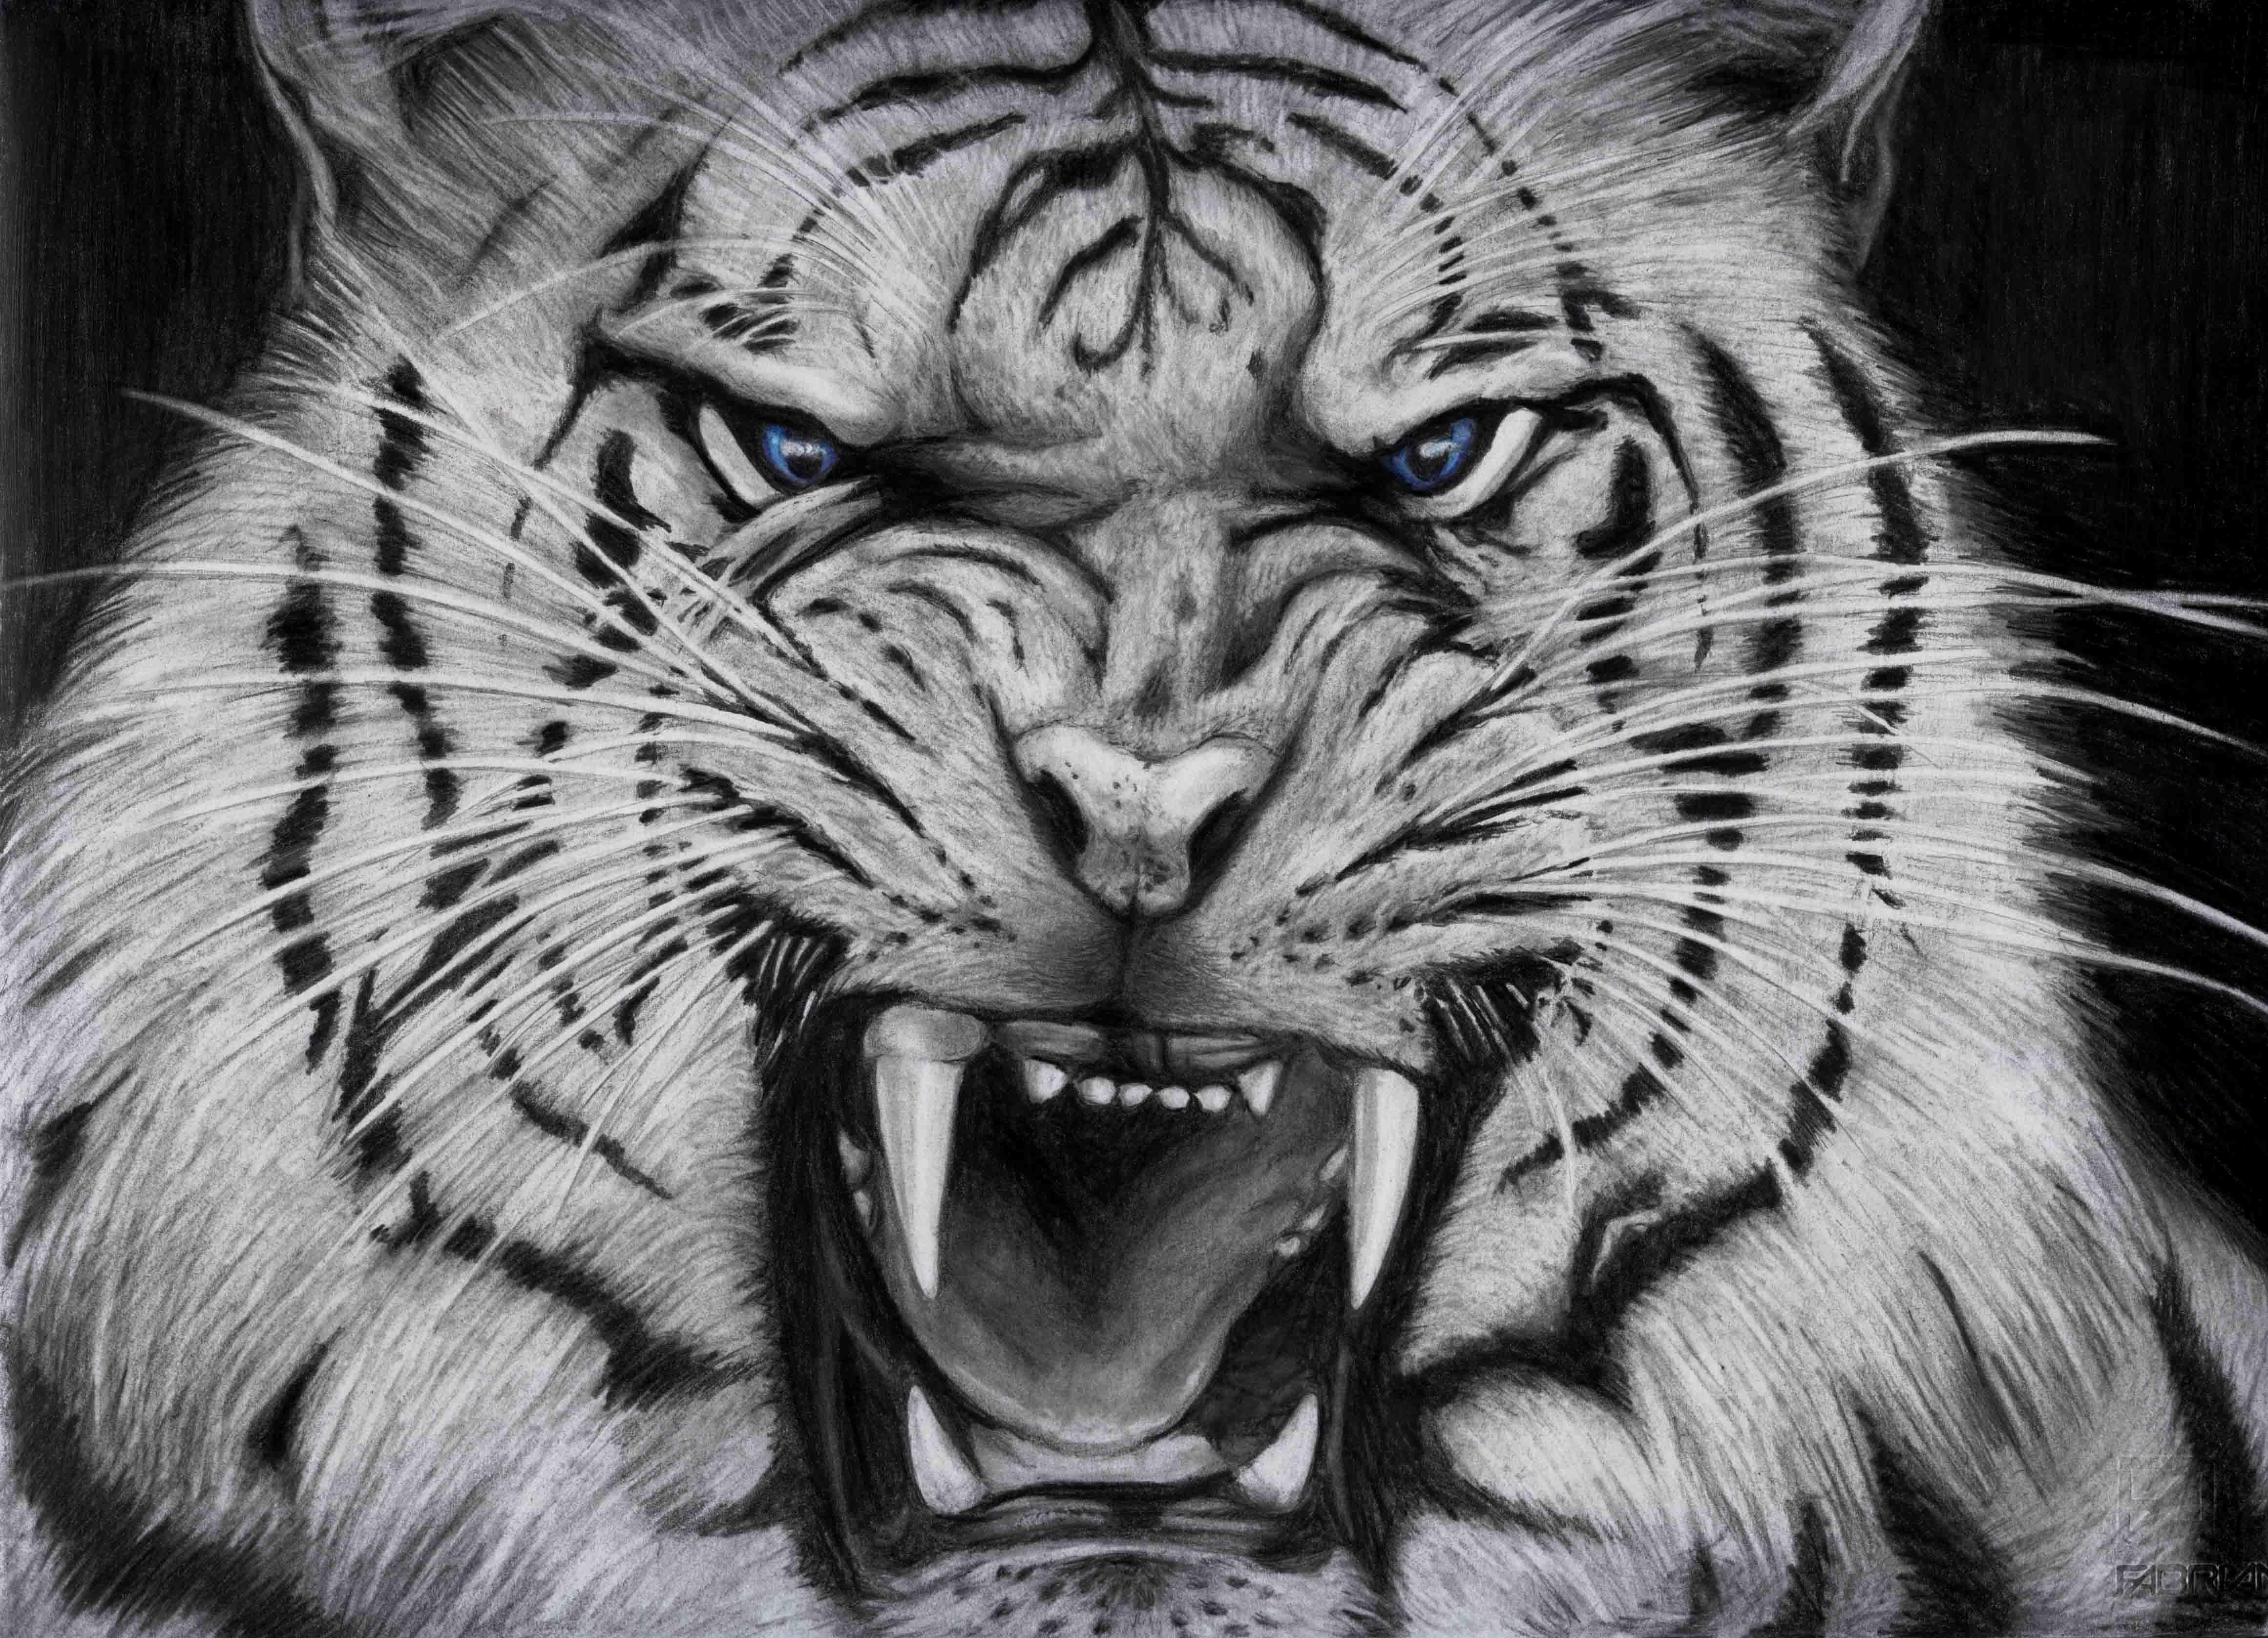 White Tiger 38 Wallpaper Hd Download Hd Wallpaper And Desktop Backgrounds Tiger Wallpaper White Tiger Tiger Head Tattoo Tiger tattoo design wallpaper